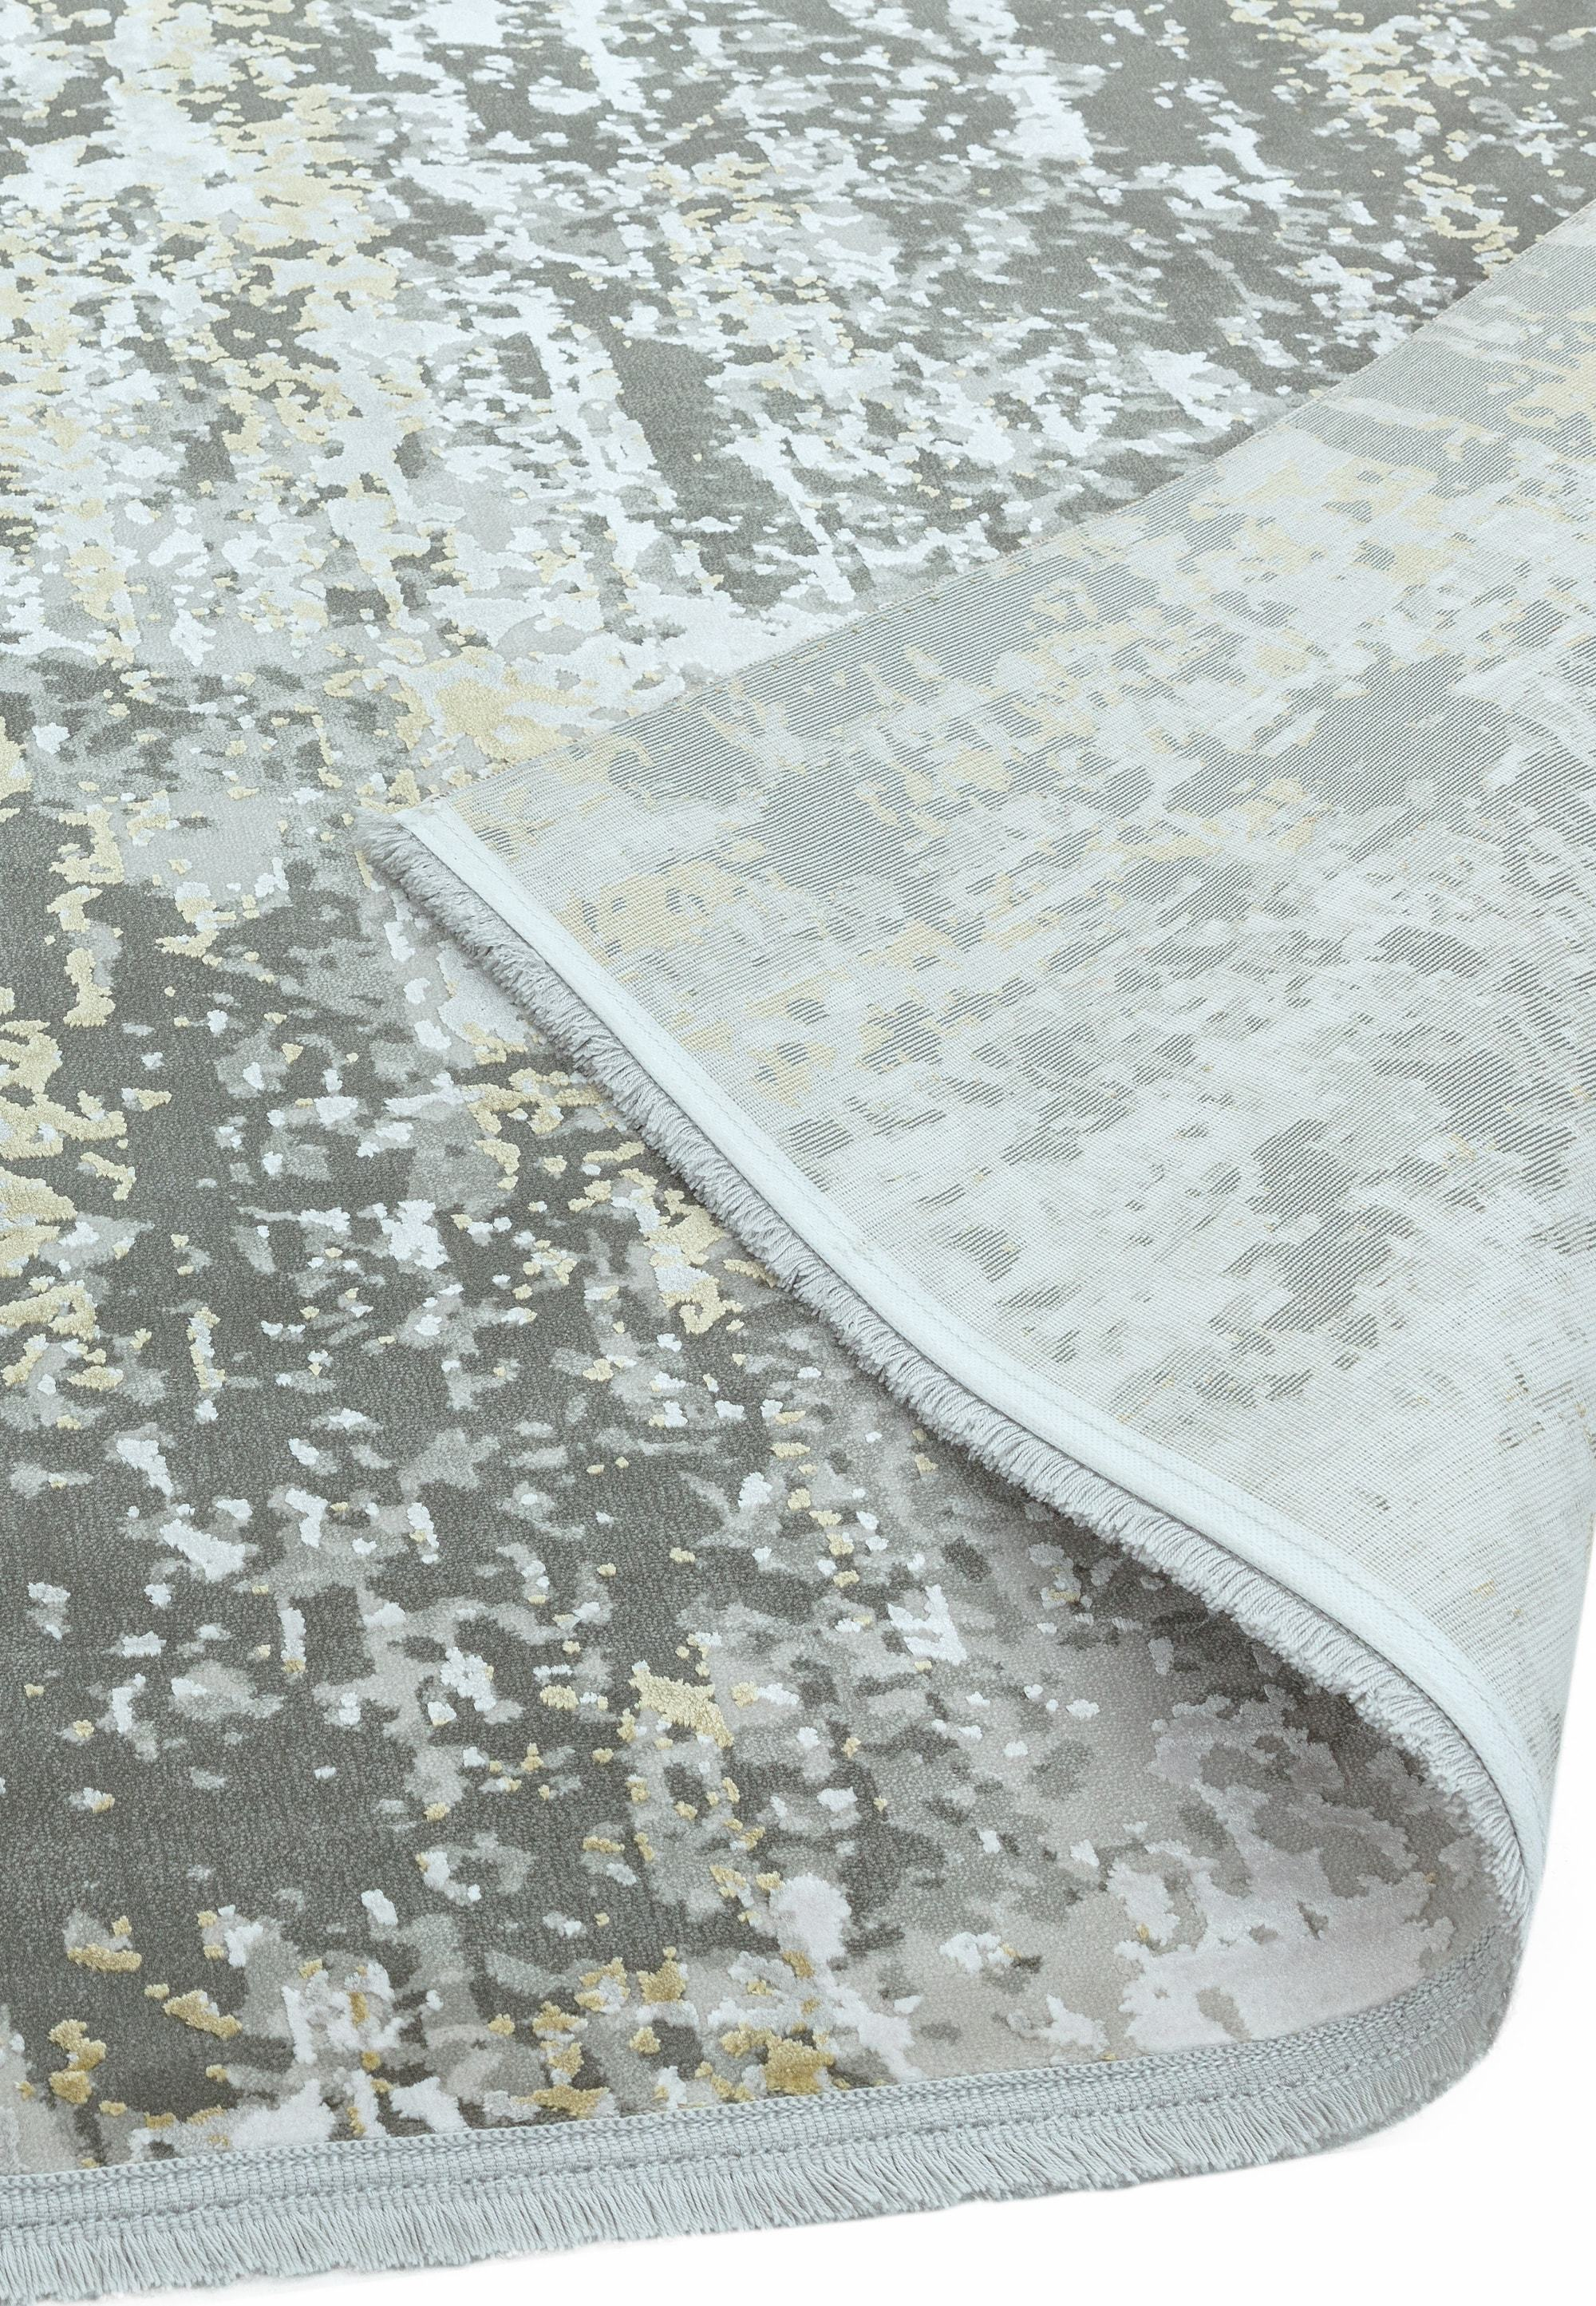 Olympia Rug OL06 Grey Green Abstract